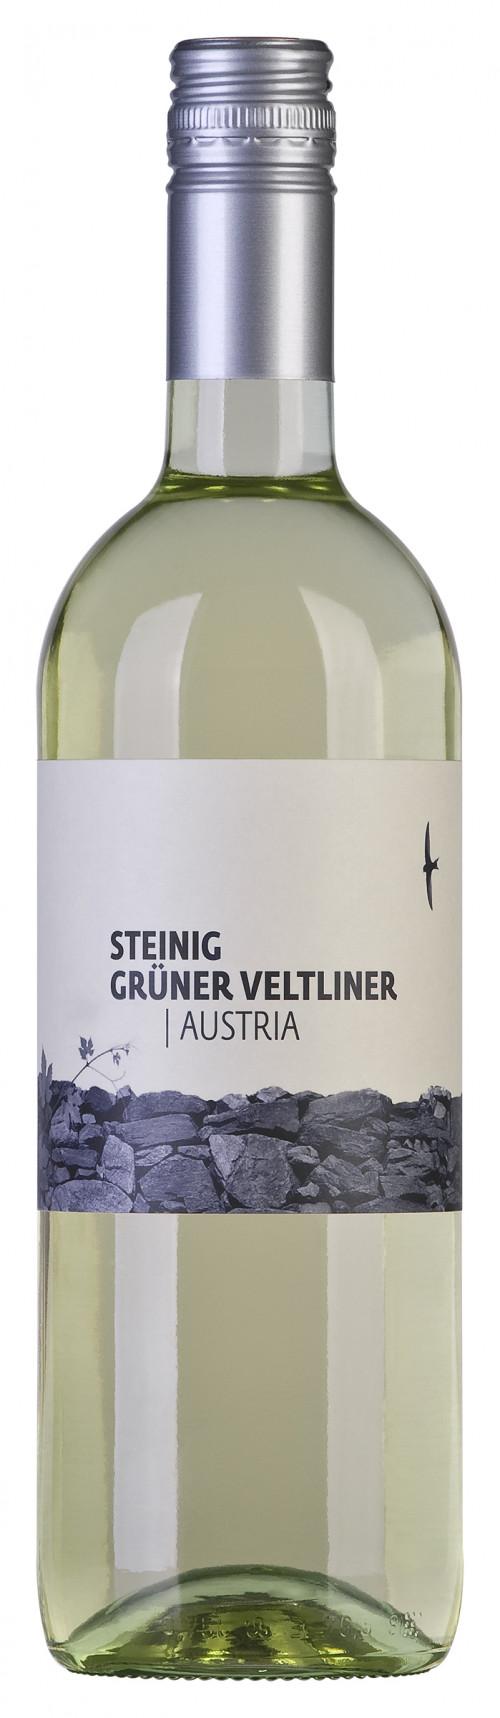 2018 Steinig Gruner Veltliner 750ml